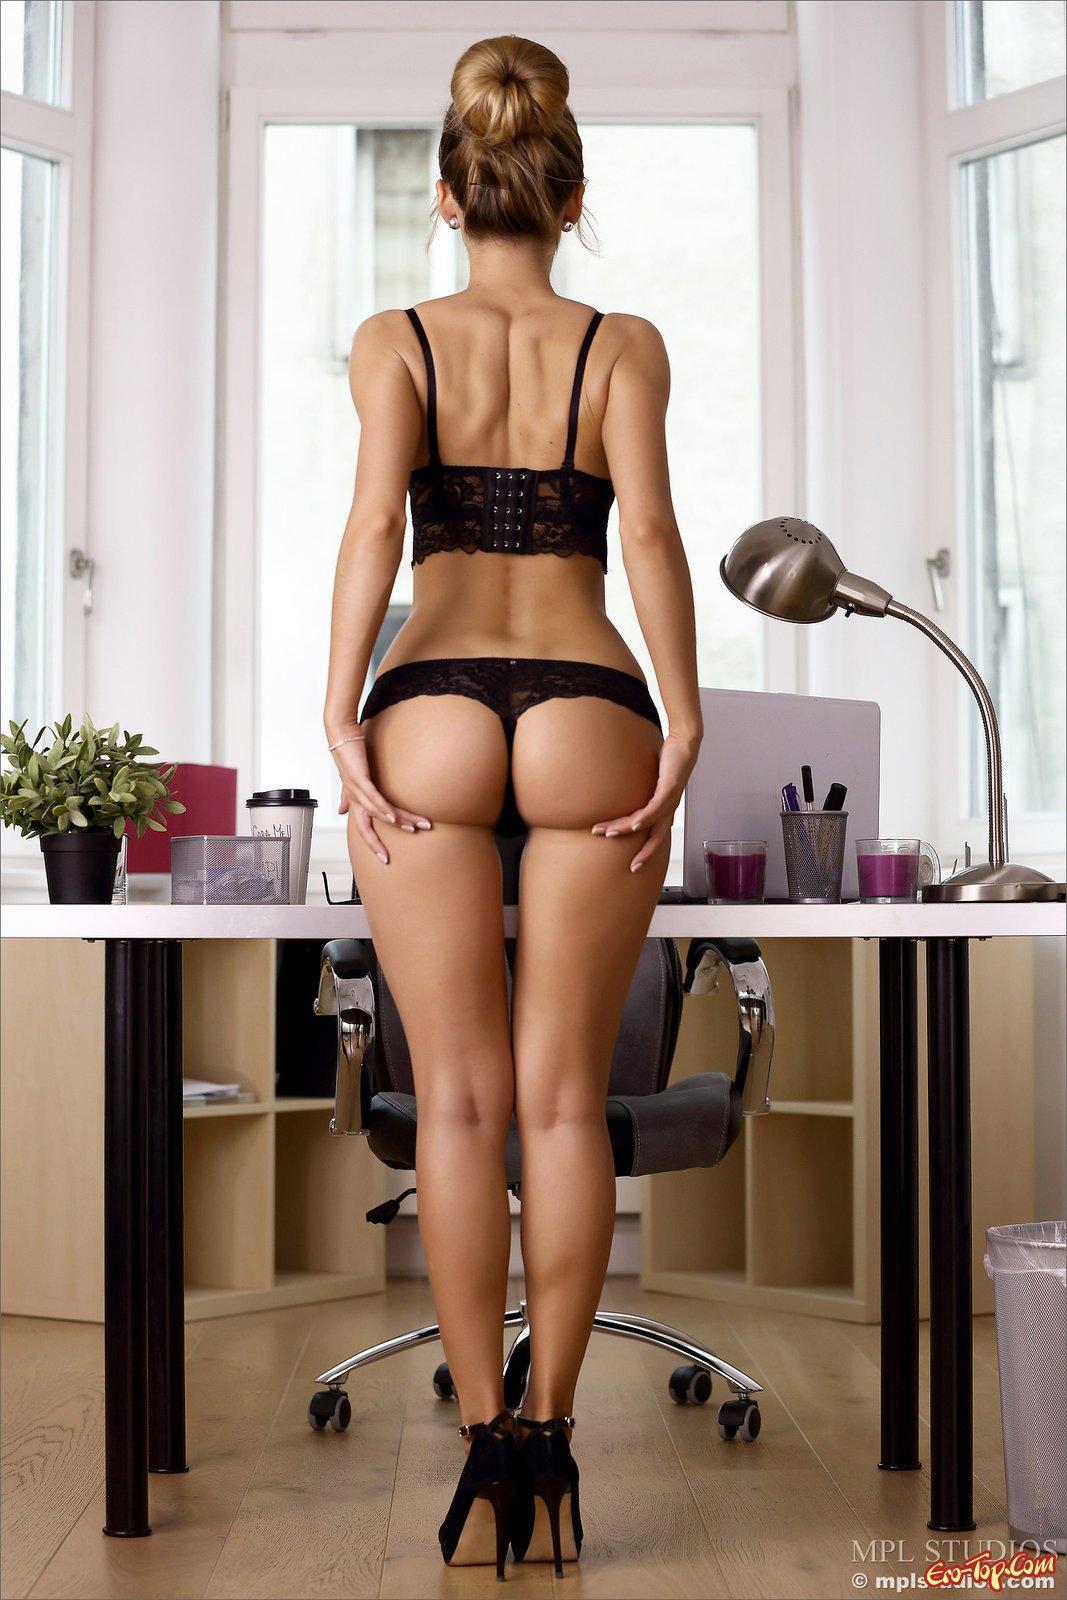 Коллега с стриженной попой оголилась в кабинете